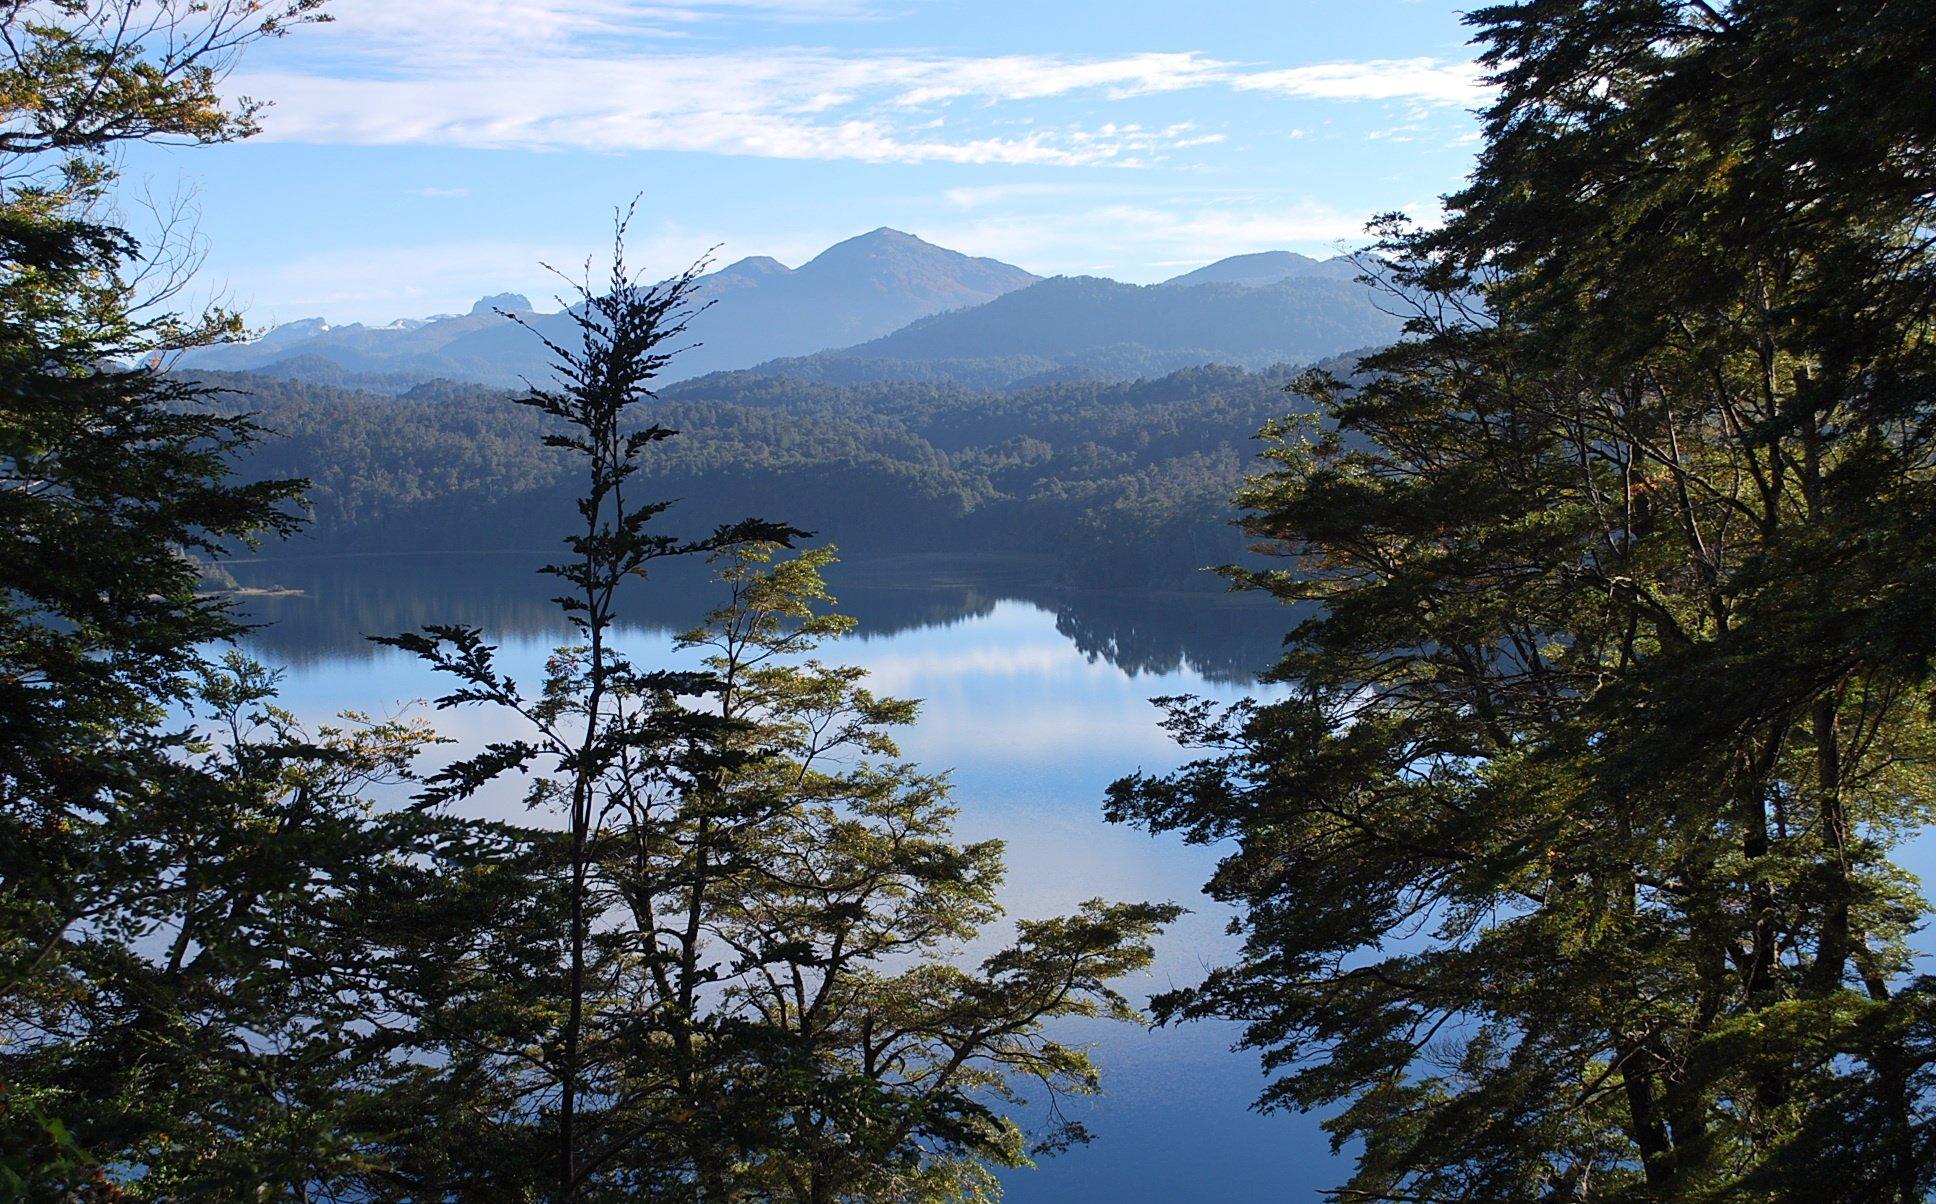 Lago Espejo - Ruta de los Siete Lagos - Argentina - Flickr - Abel Jorge